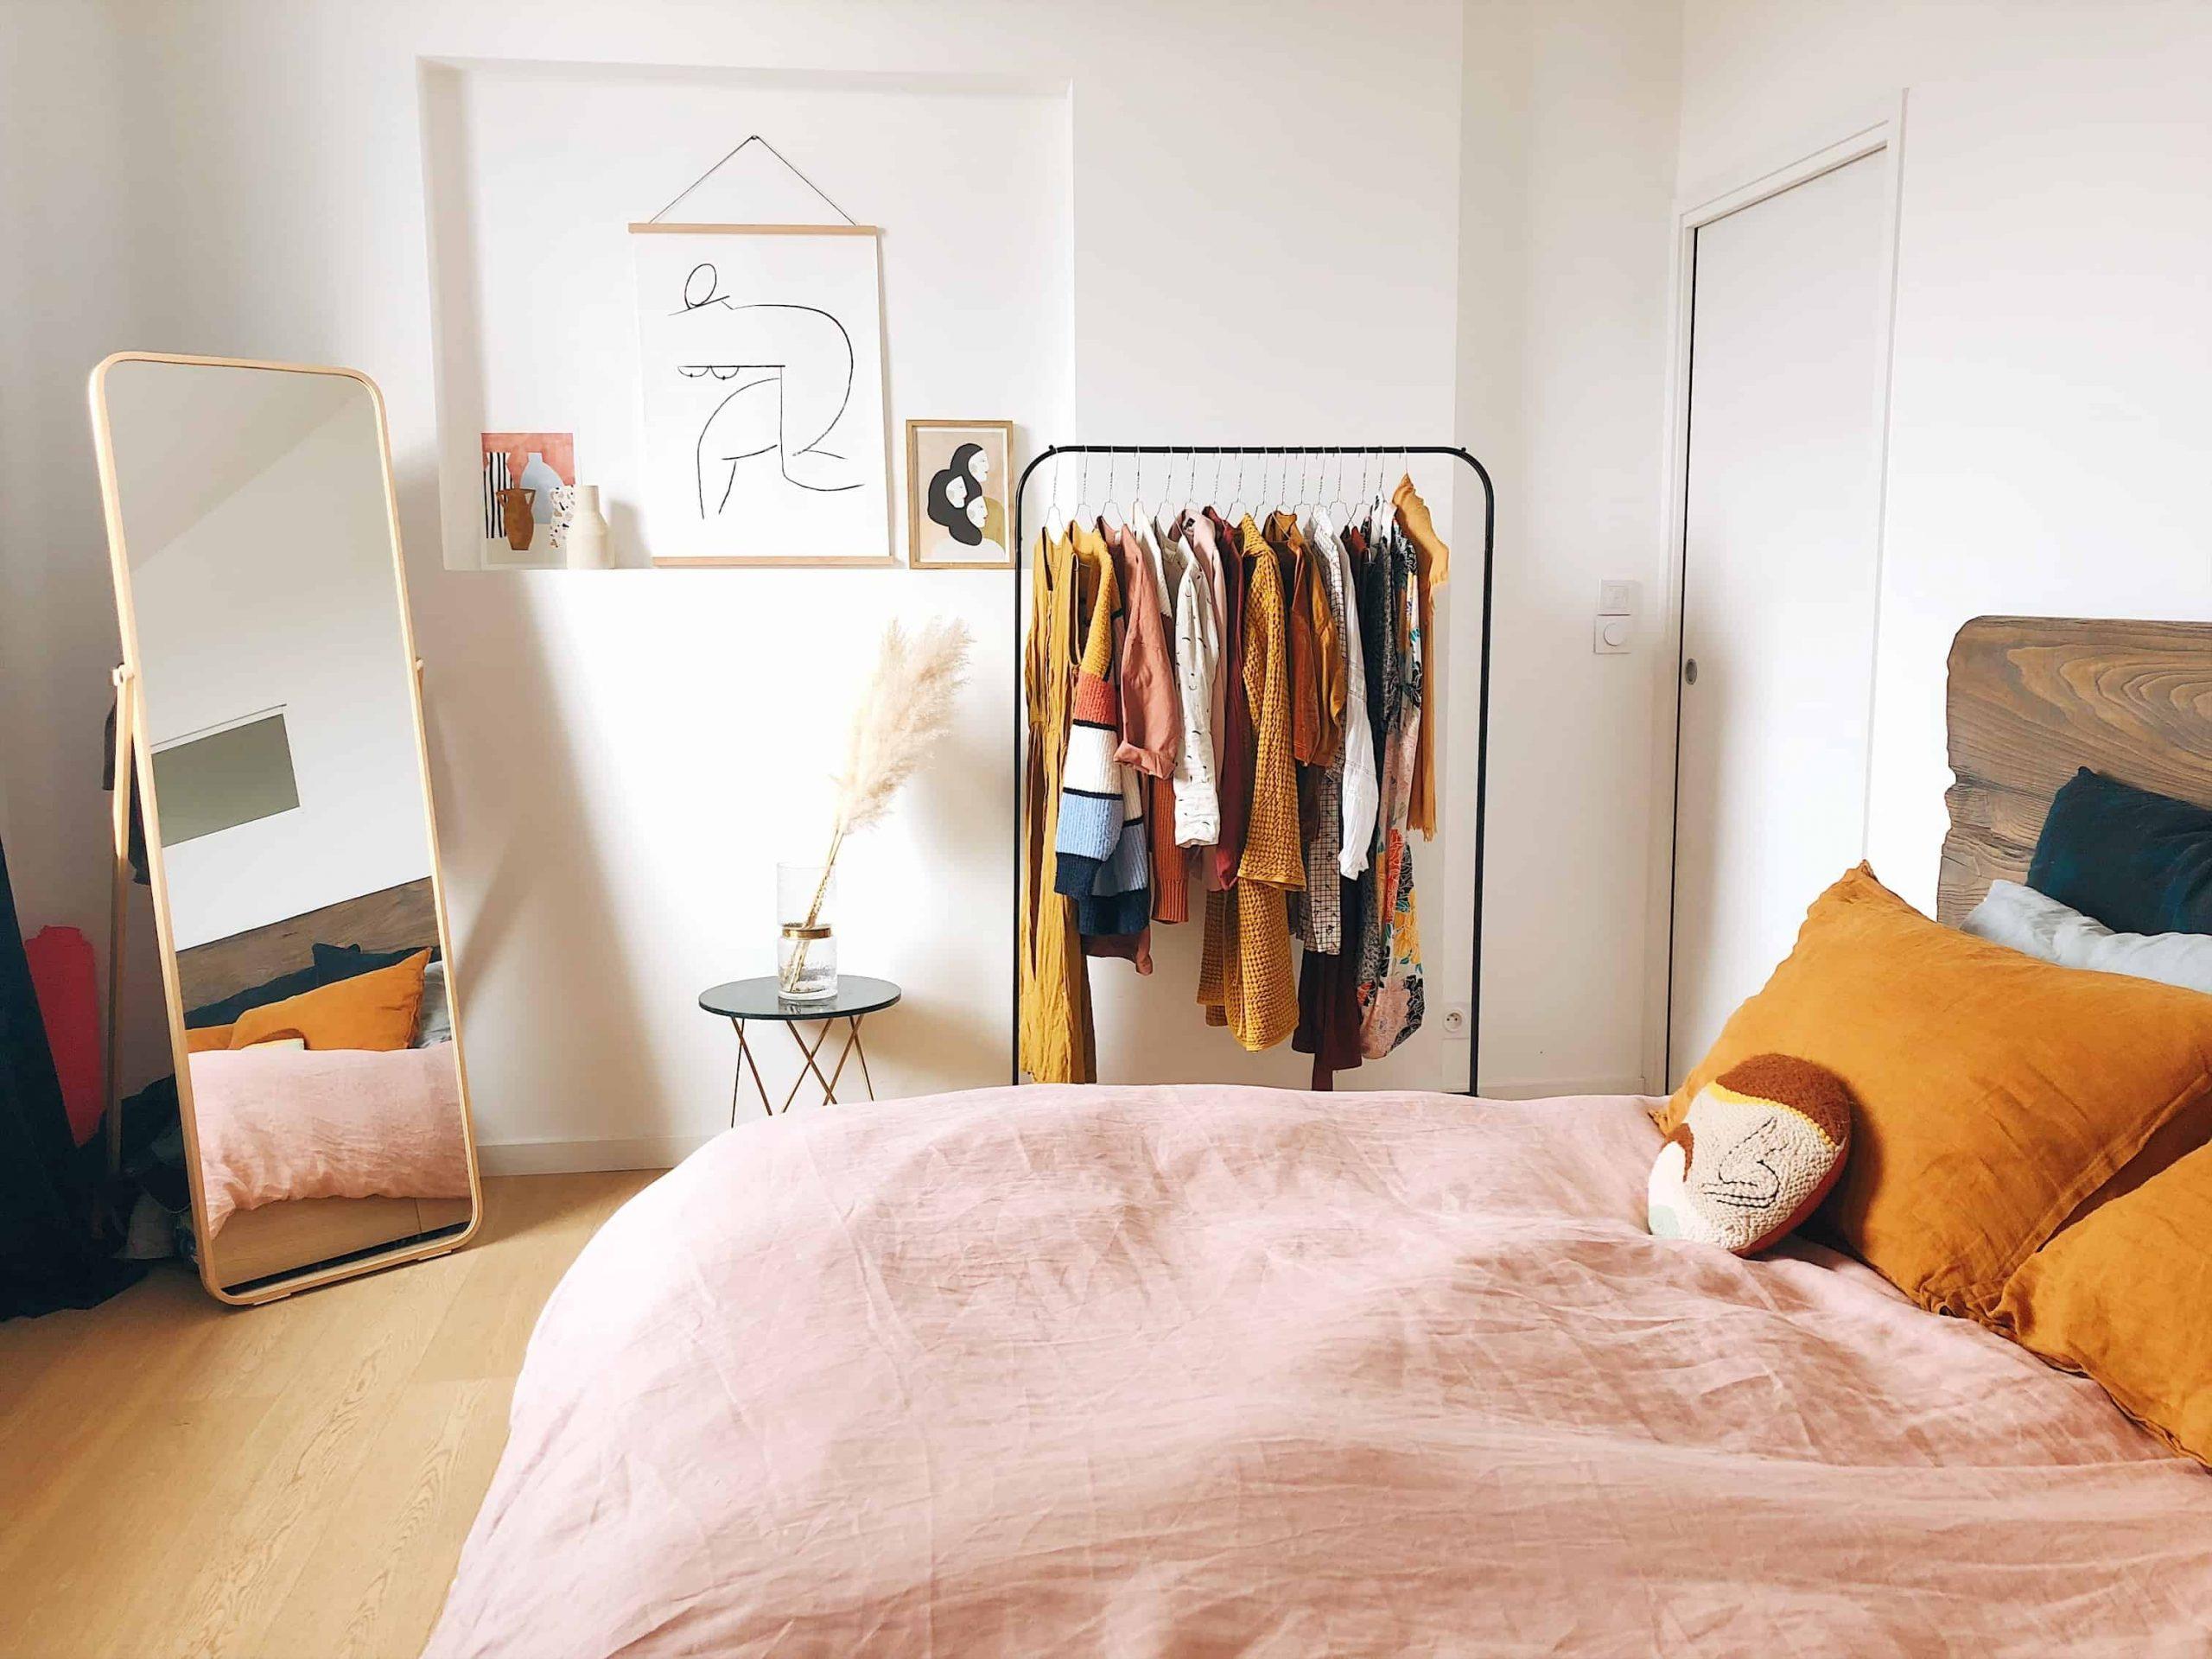 Full Size of Schlafzimmer Farben Wirkung Auf Das Schlafbefinden Regal Landhausstil Komplette Wandlampe Set Günstig Betten Rauch Luxus Stuhl Deckenlampe Fototapete Komplett Wohnzimmer Altrosa Schlafzimmer